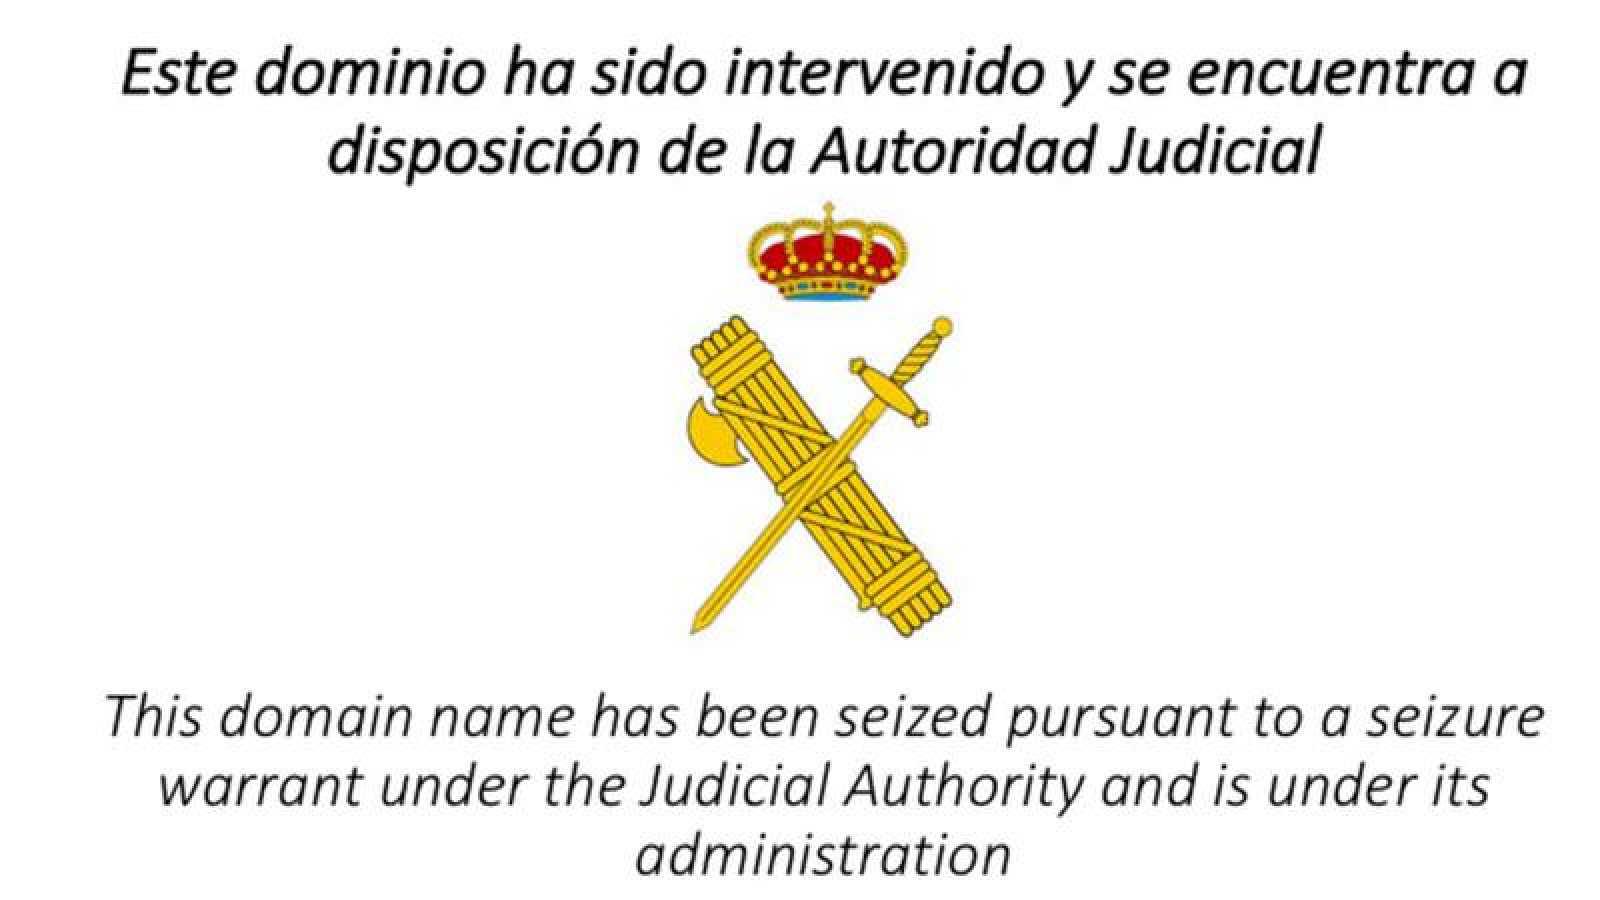 Mensaje que aparece en la página web de la ANC